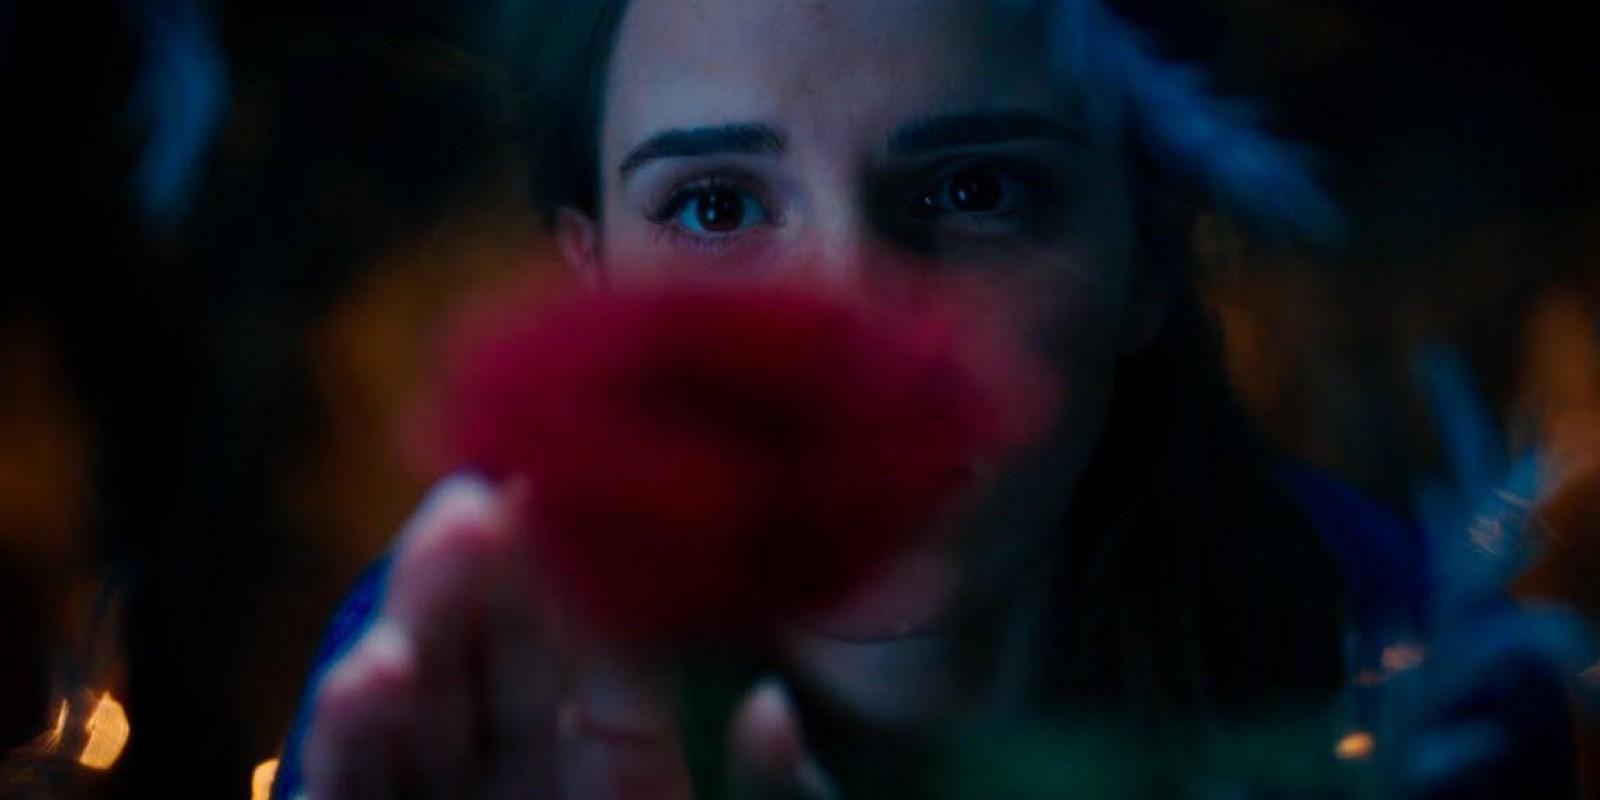 [Veja as primeiras imagens oficiais do filme A Bela e a Fera]